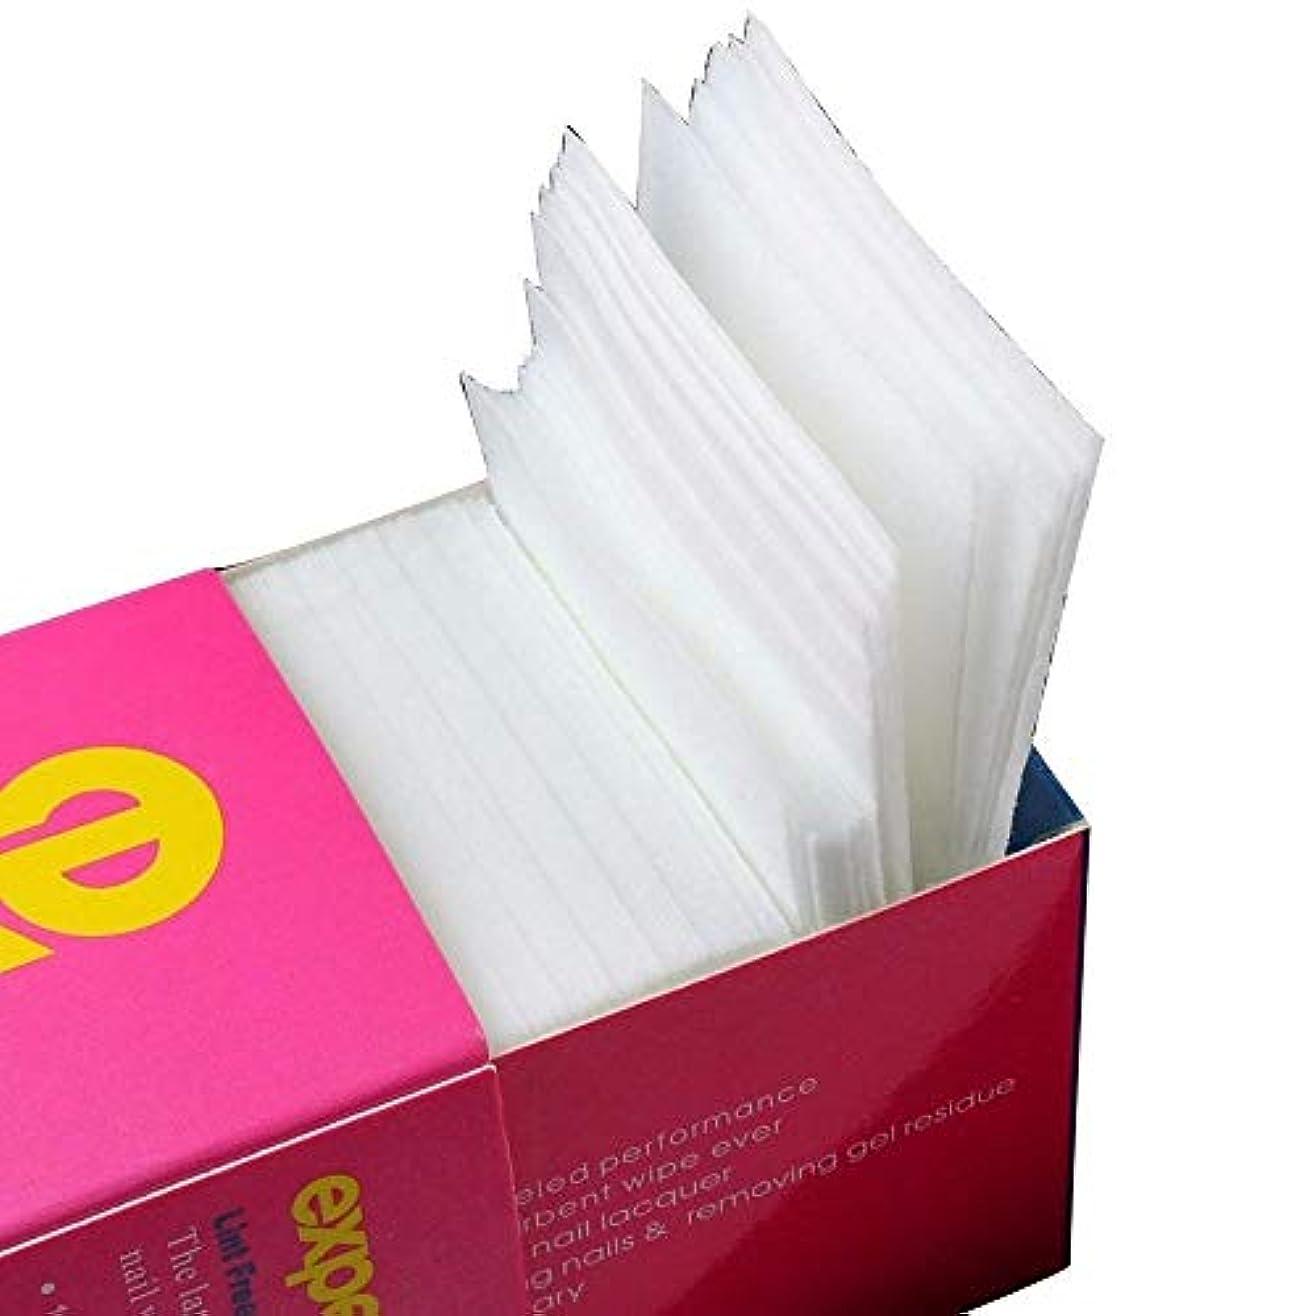 メタンコンクリート条件付き1st market 大人気 ネイル ワイプ コットン 天然素材 不織布 ジェルの拭き取り 油分除去 クリーニング 320枚以上 高品質